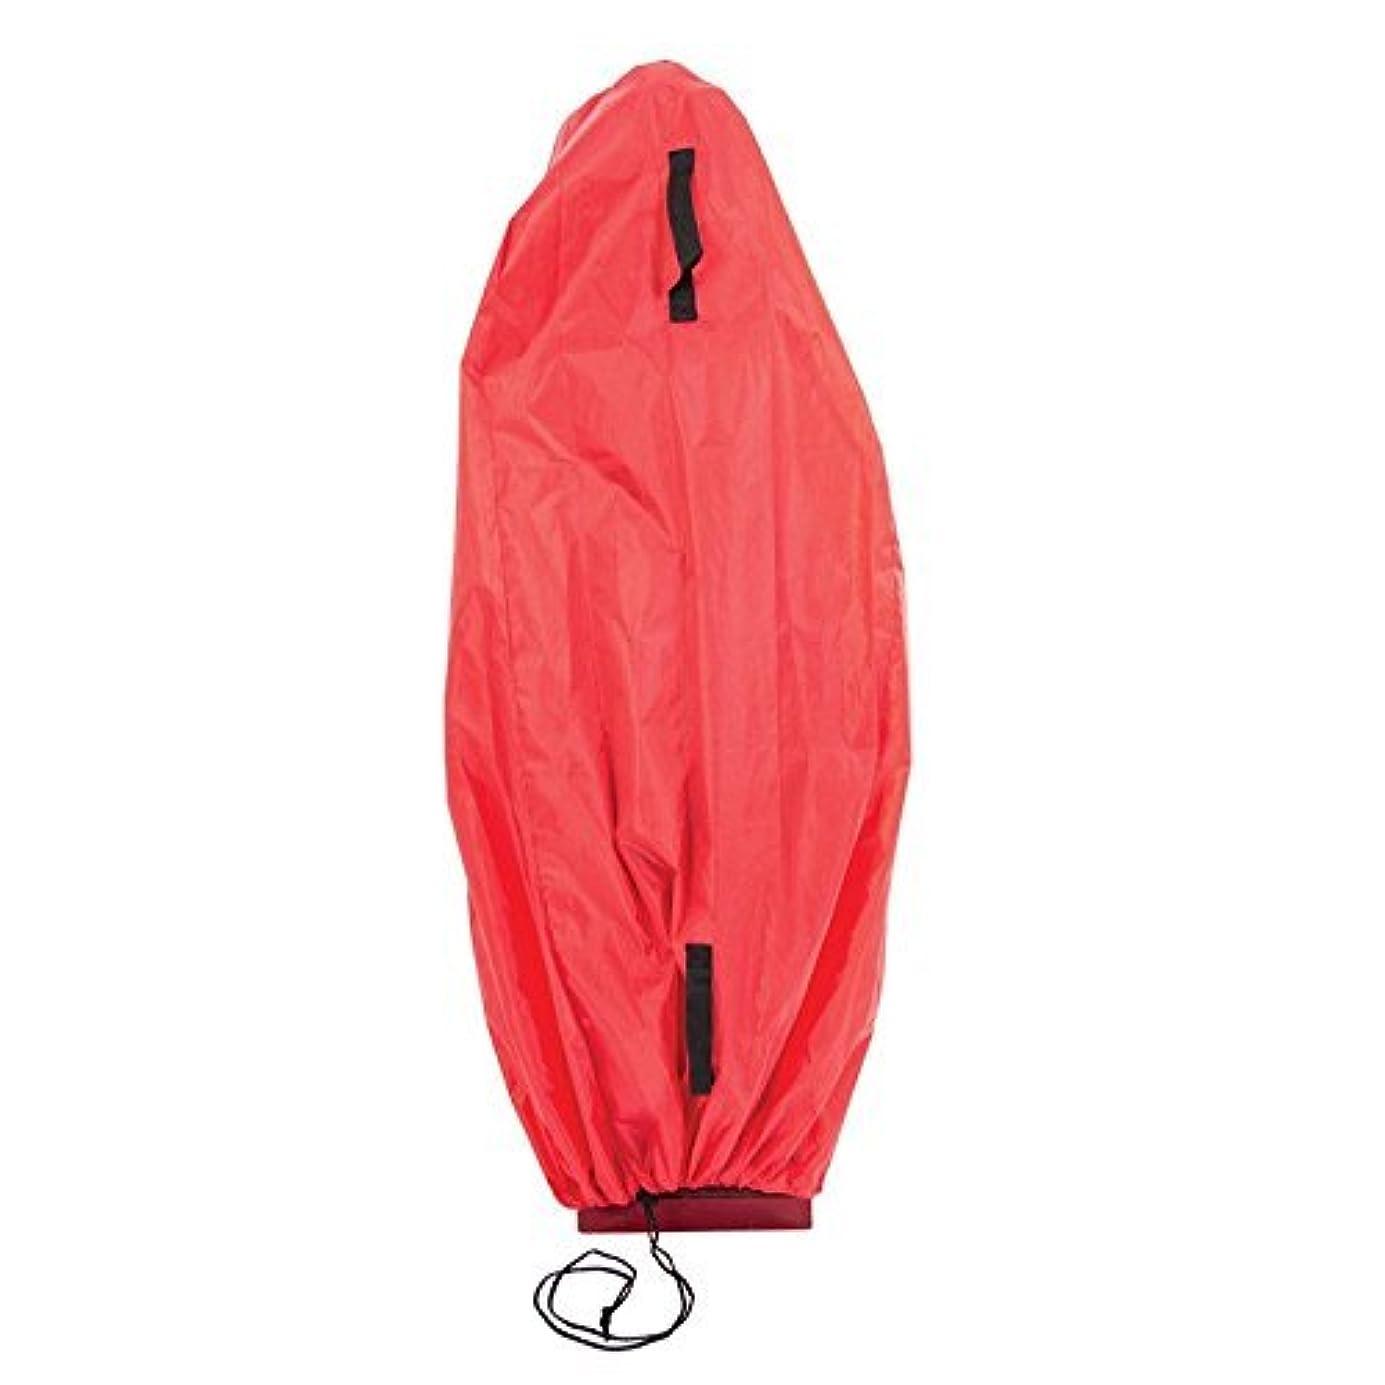 アプライアンスギャングスター扱いやすいSanta's Bags Topiary Storage Bag Red Fabric 60 in. H【クリスマス】【ツリー】 [並行輸入品]